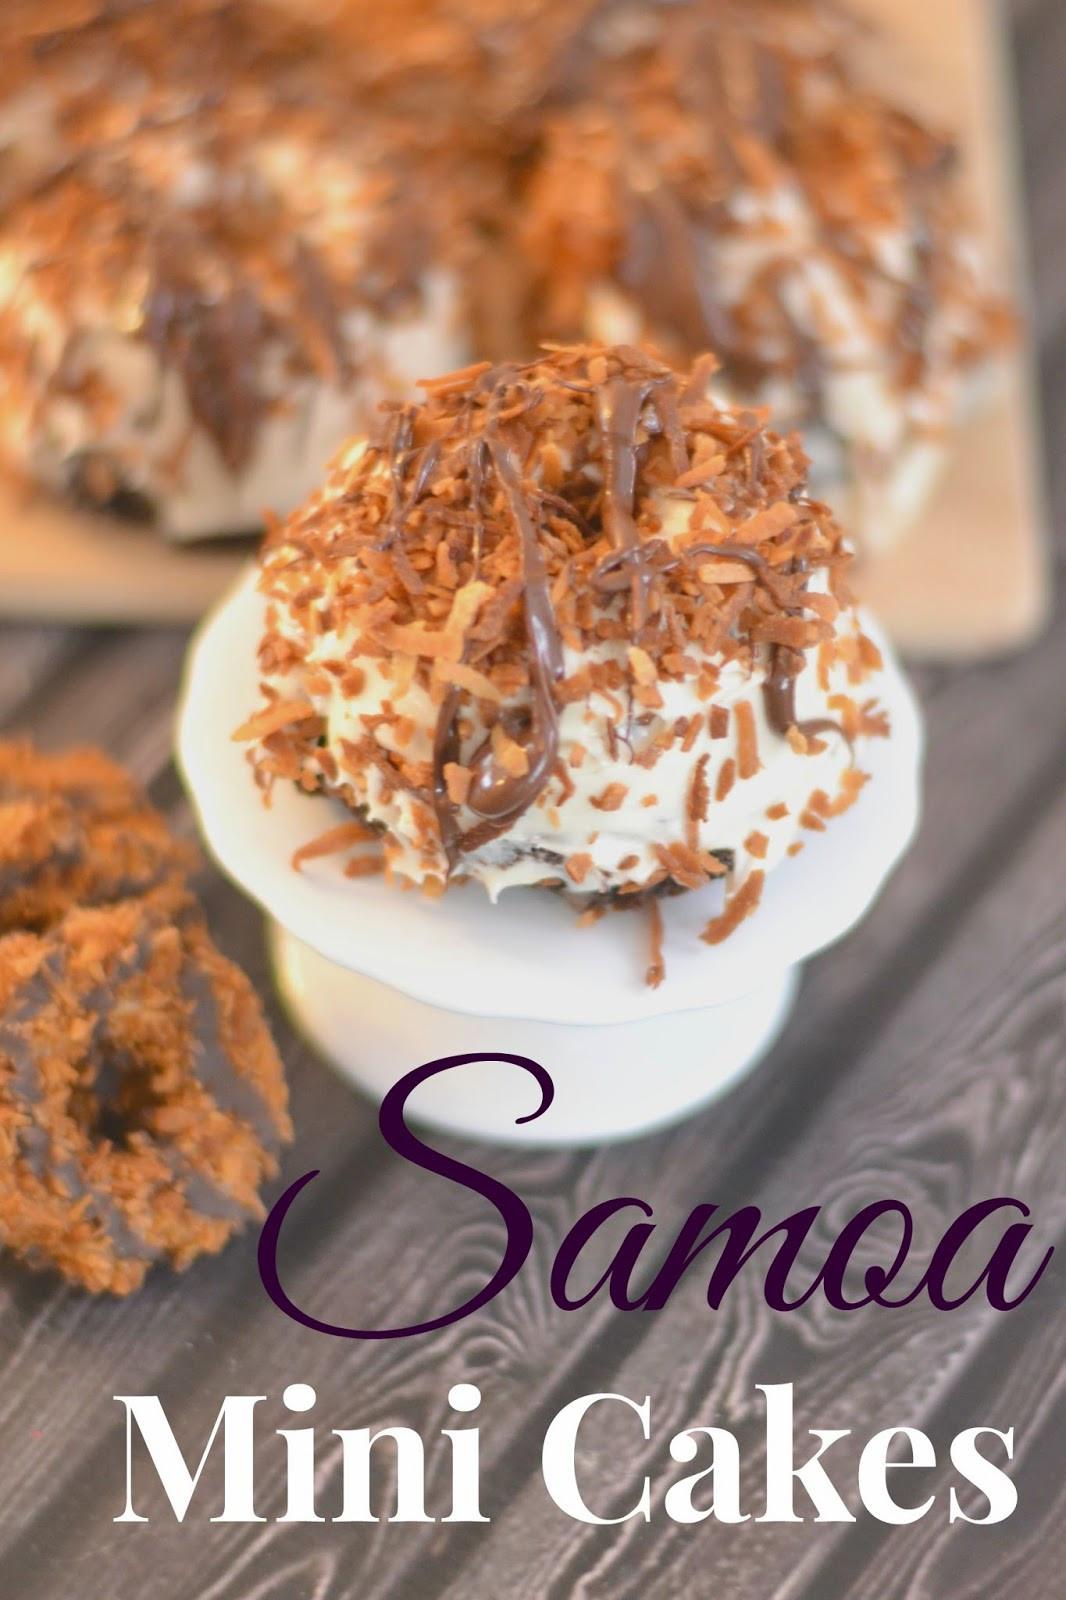 Mini Cake Recipe  Samoa Mini Cakes Recipe